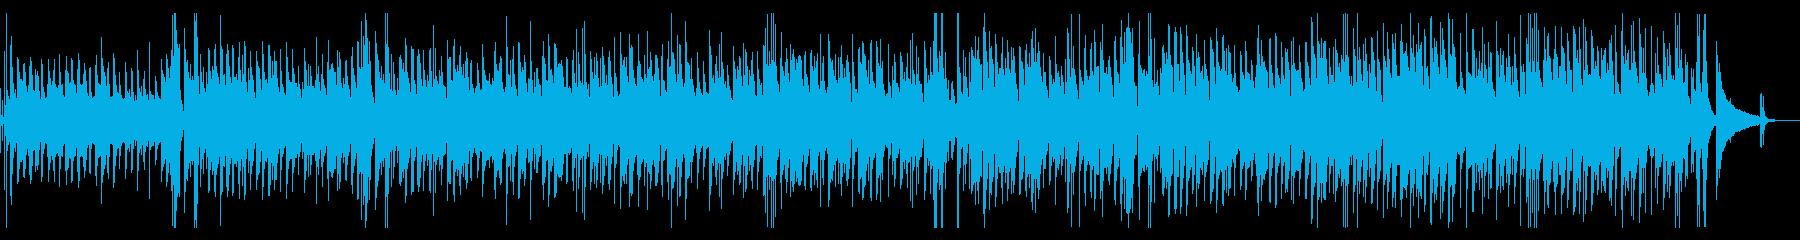 カフェBGM・ゆったりとしたジャズギターの再生済みの波形